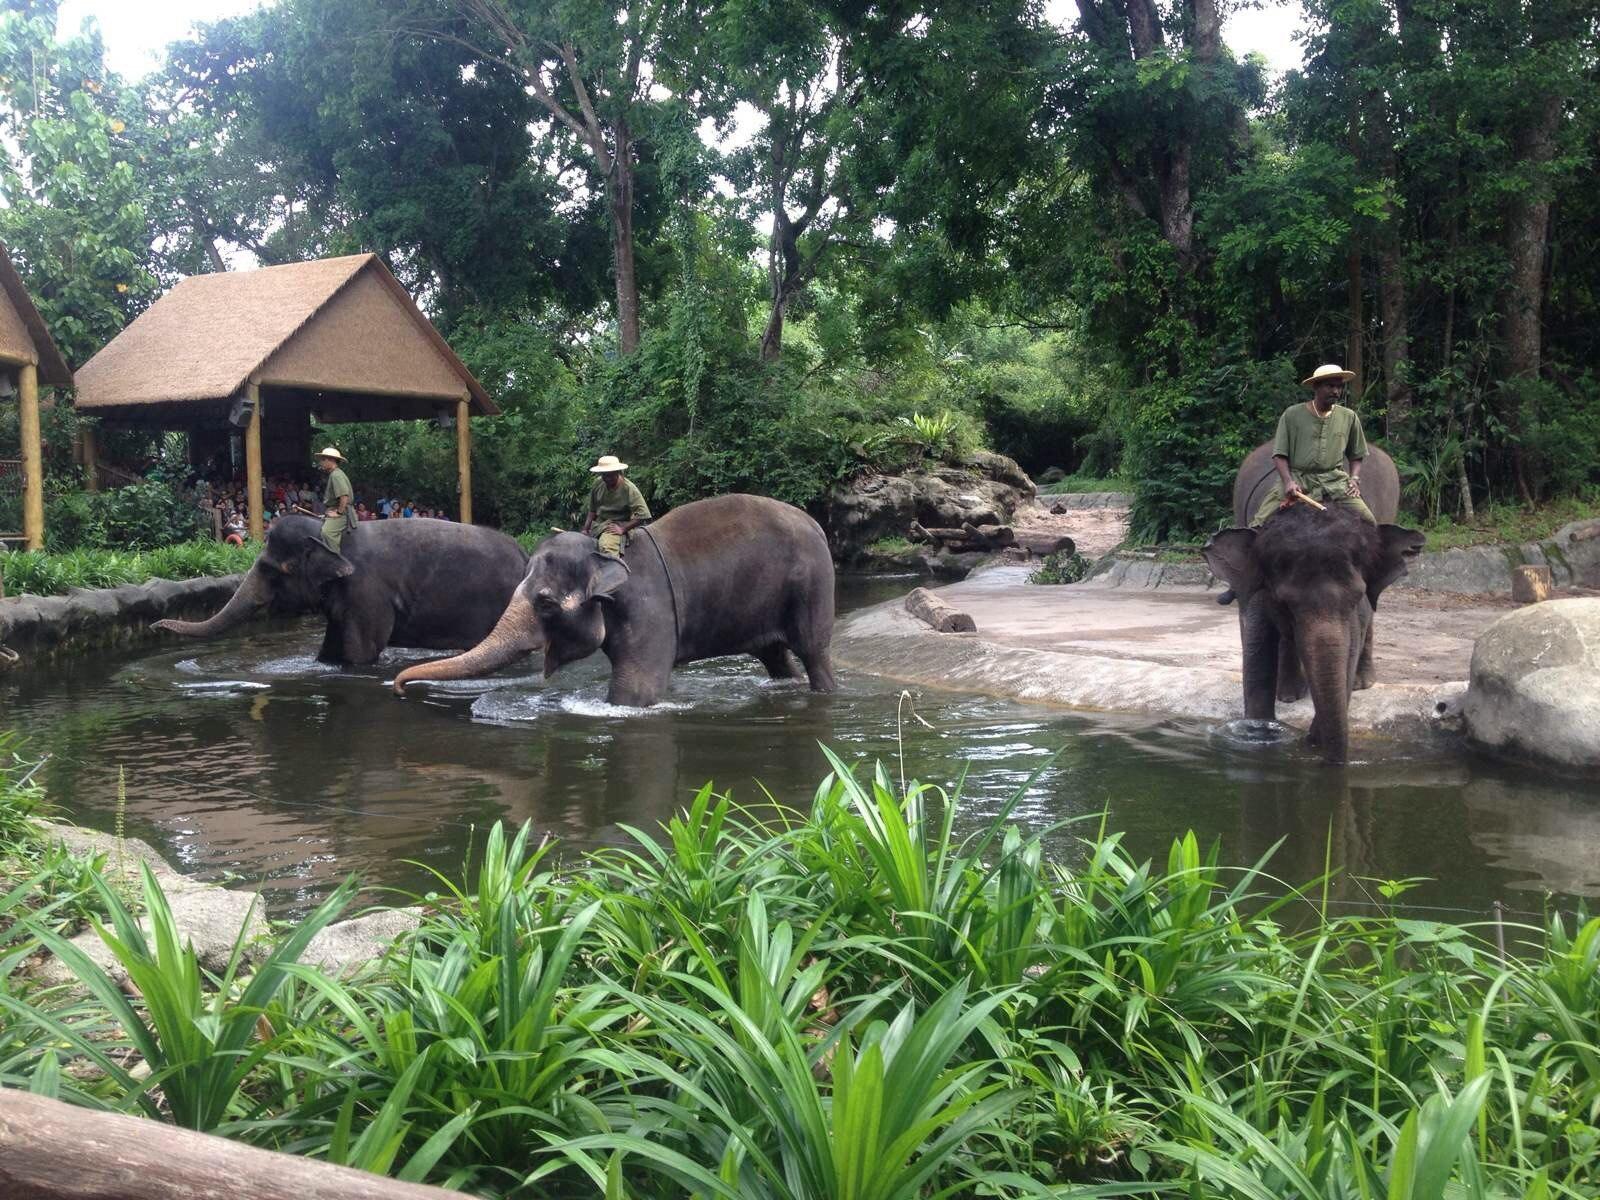 【携程攻略】新加坡新加坡动物园景点,参观动物园最有